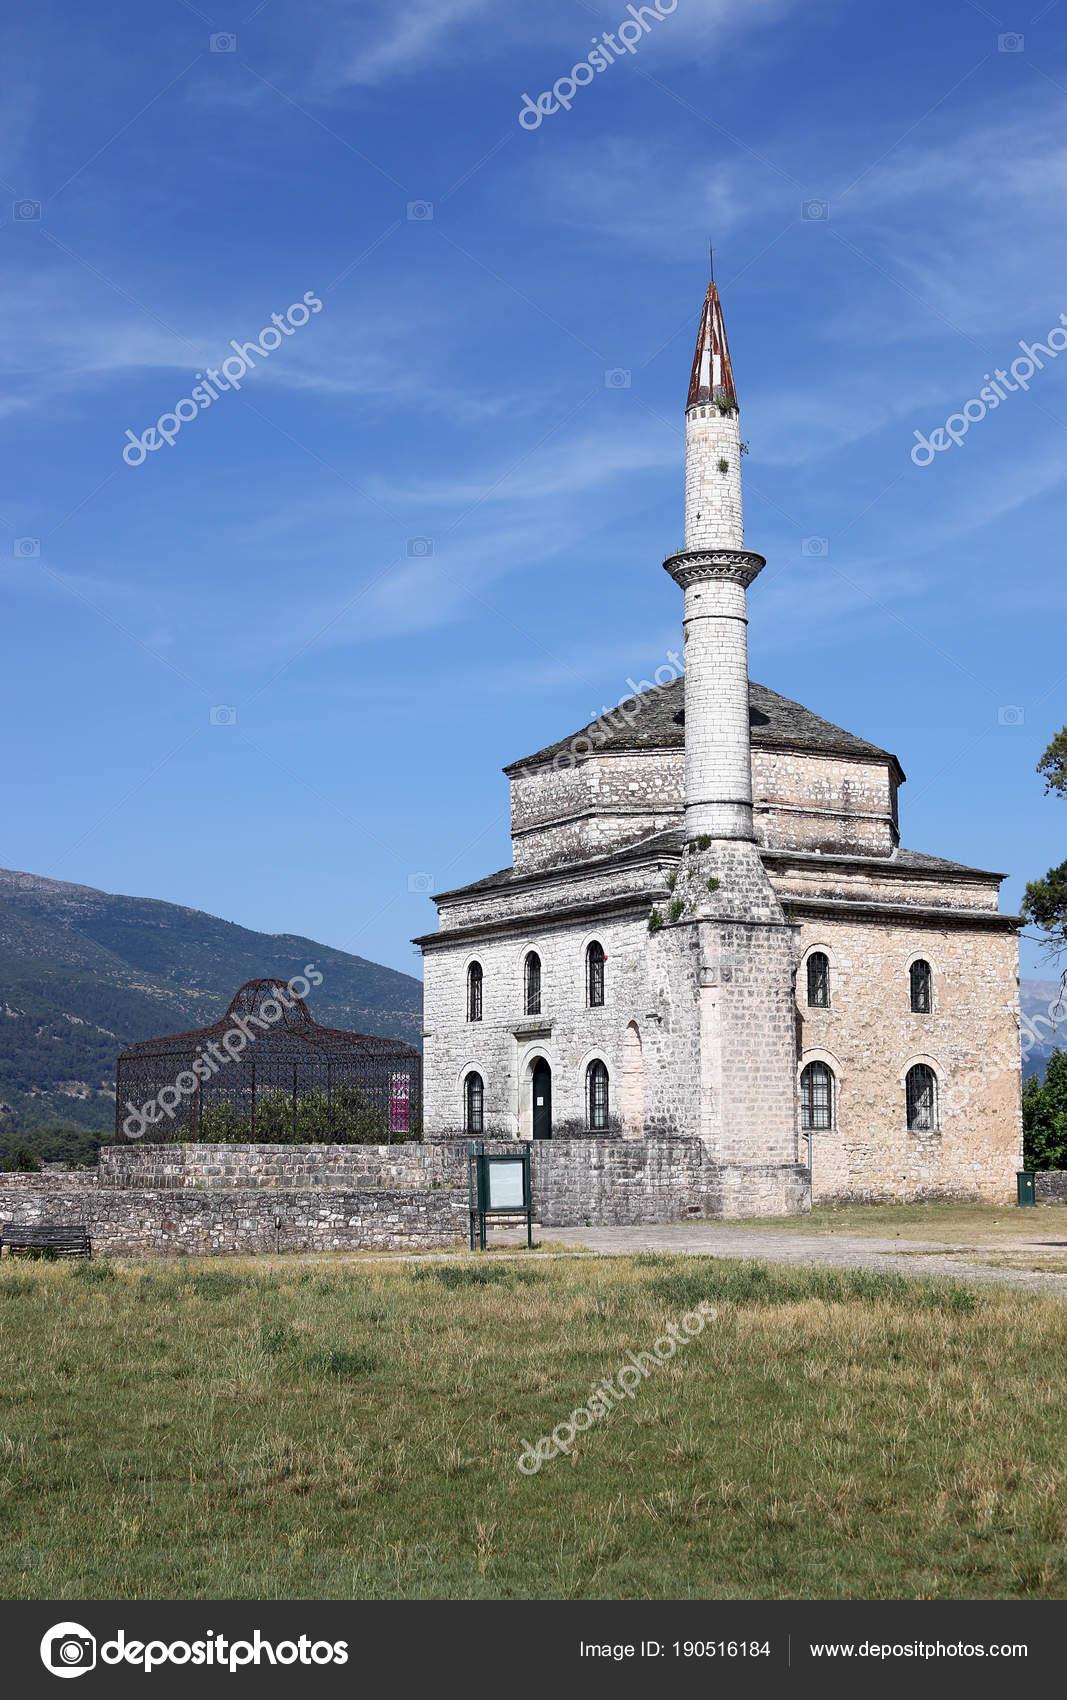 Αποτέλεσμα εικόνας για τζαμι ασλαν πασα ιωαννινα